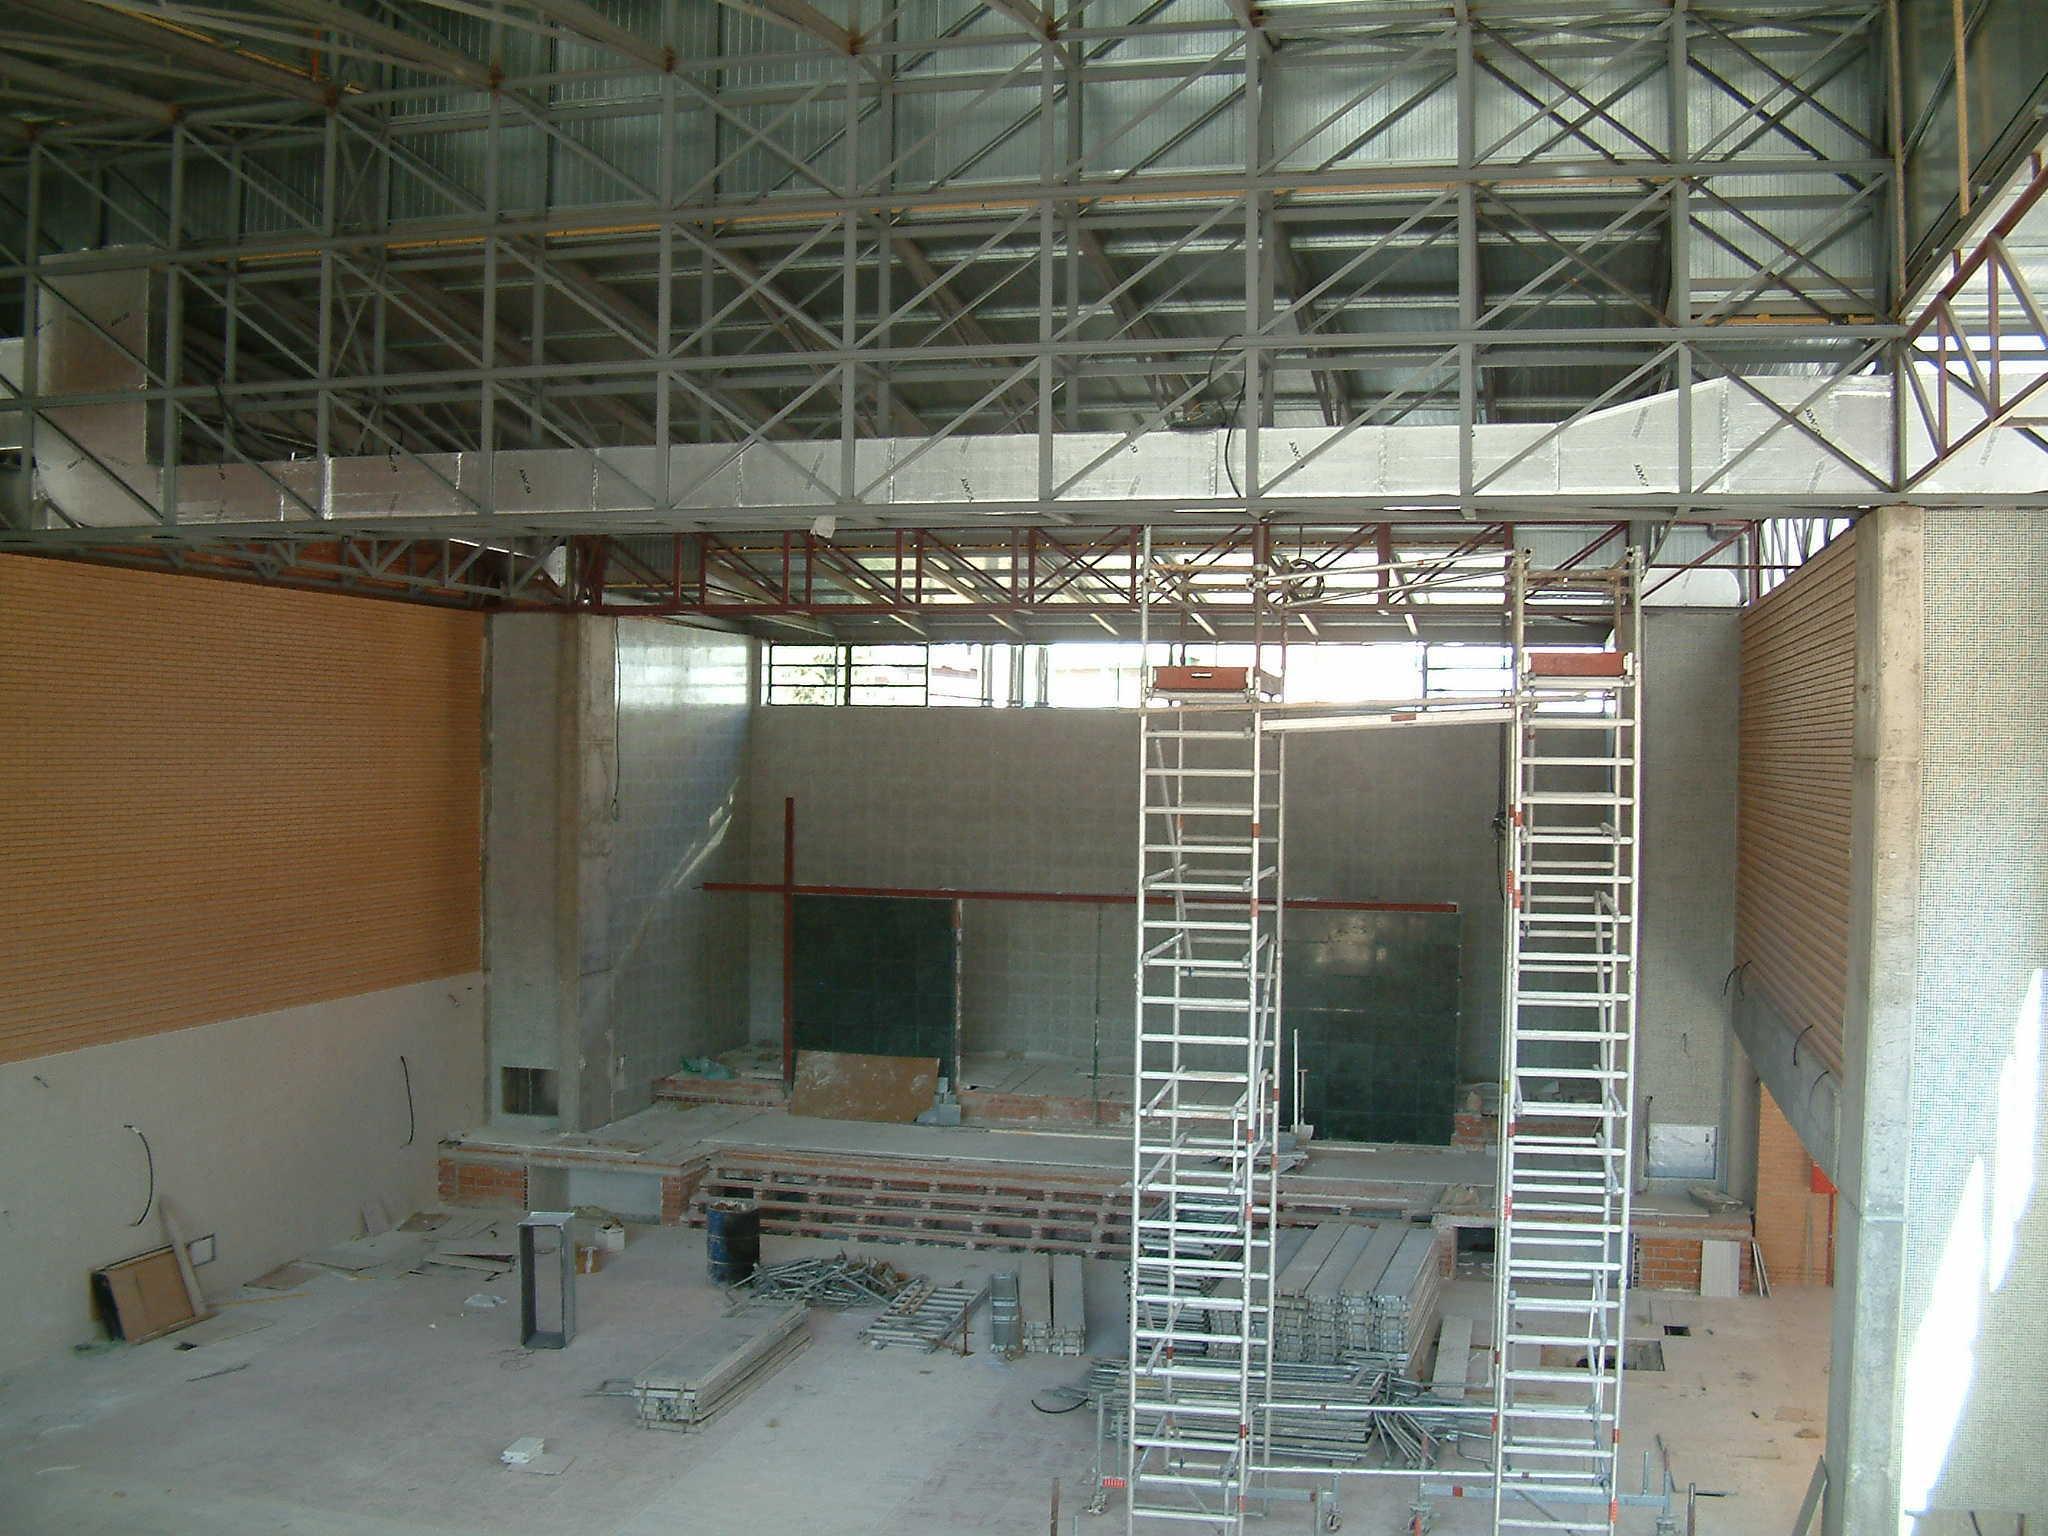 Templo-Iglesia Adventista y Centro docente c/ Rusia, 11 (Madrid)</br></br> 2005</br></br> <h4>Cliente: Equipo 01 (Jesús San Vicente)</h4>